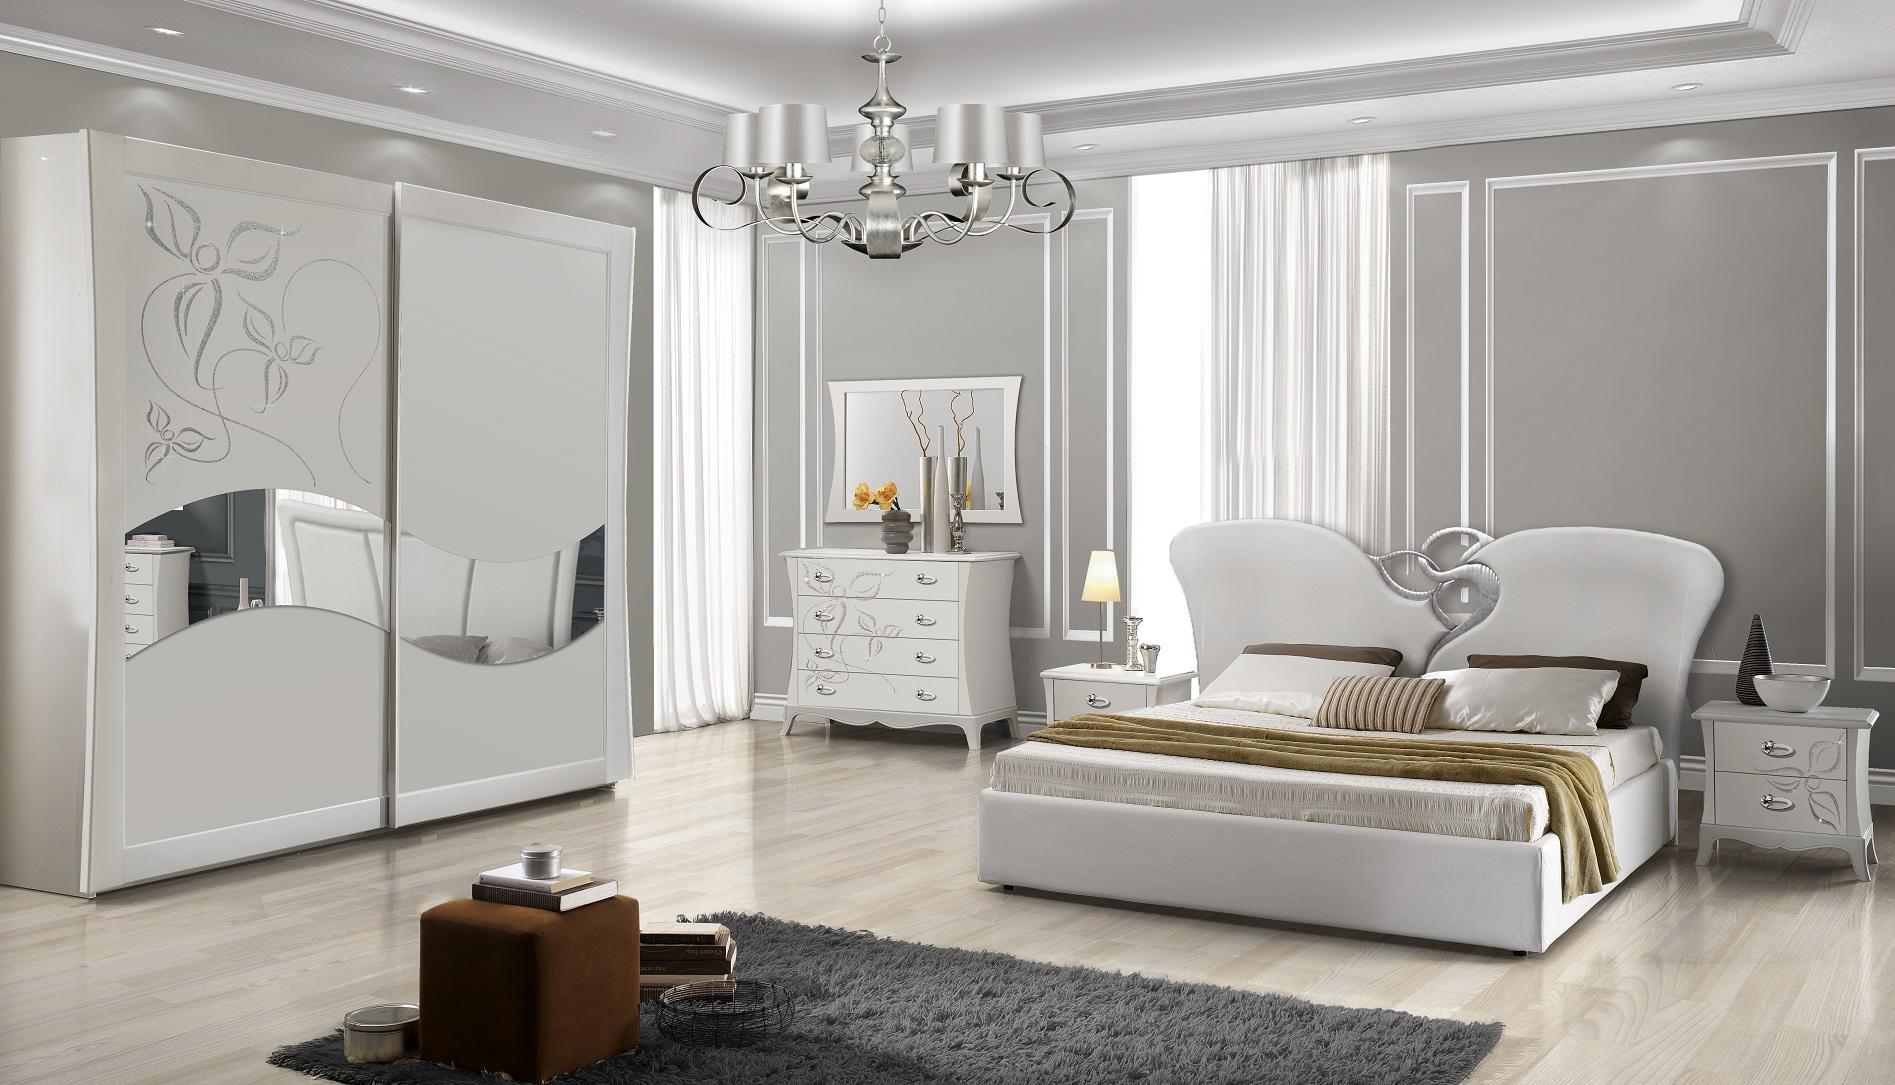 Bekannt Schlafzimmer Set mit 180x200 cm Bett in Weiß Luxus Design - Kaufen ET97